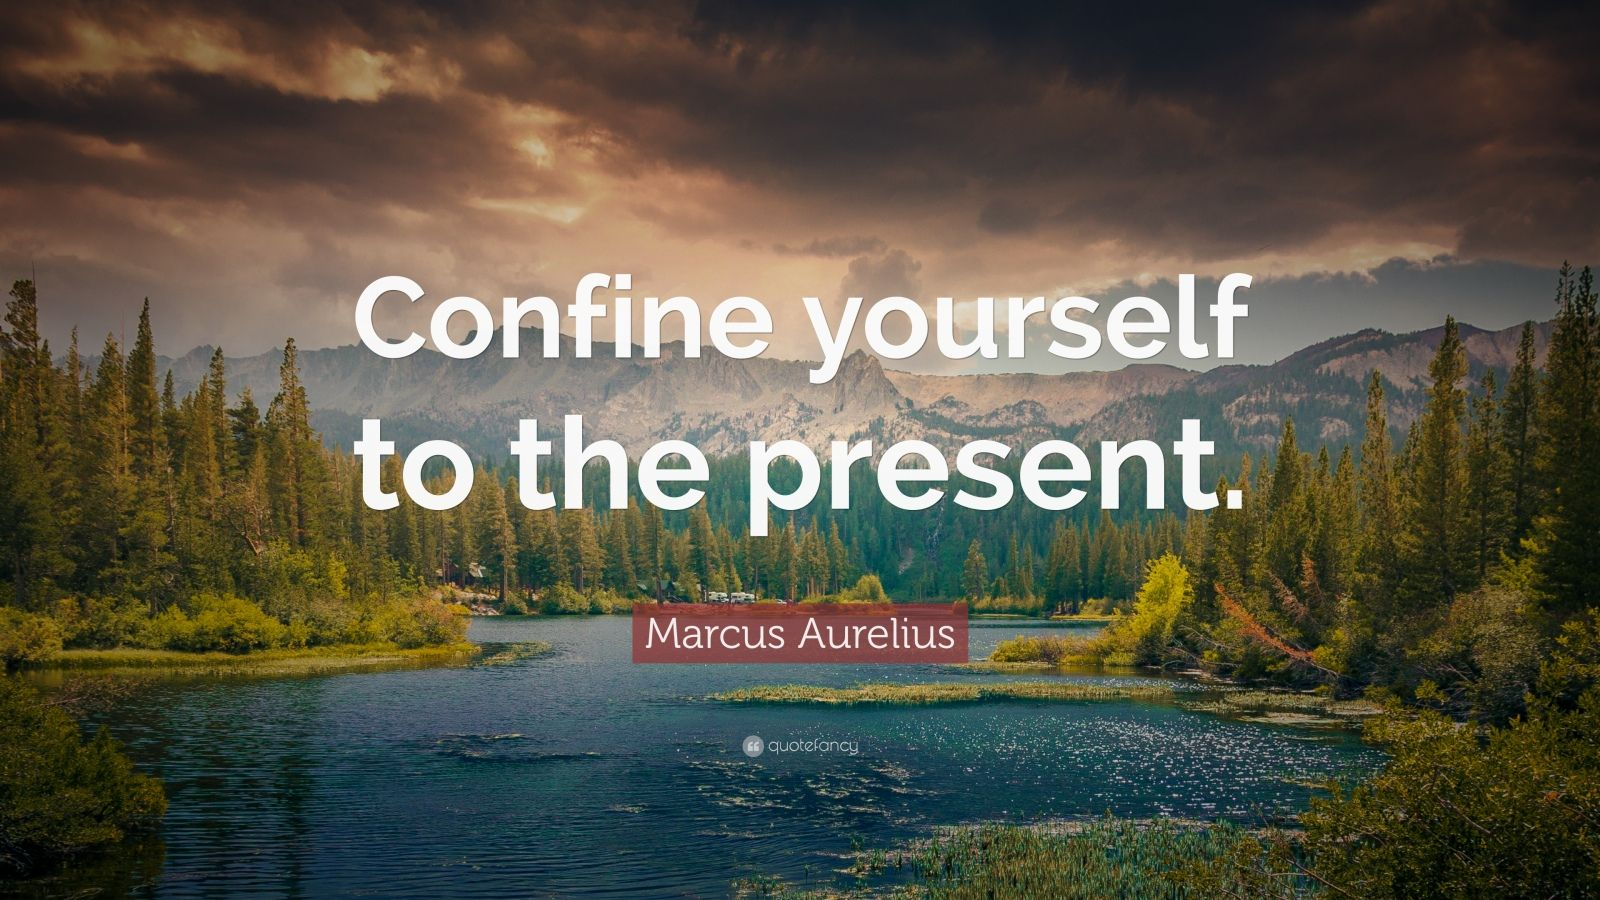 Socrates Wallpaper Quotes Marcus Aurelius Quote Confine Yourself To The Present